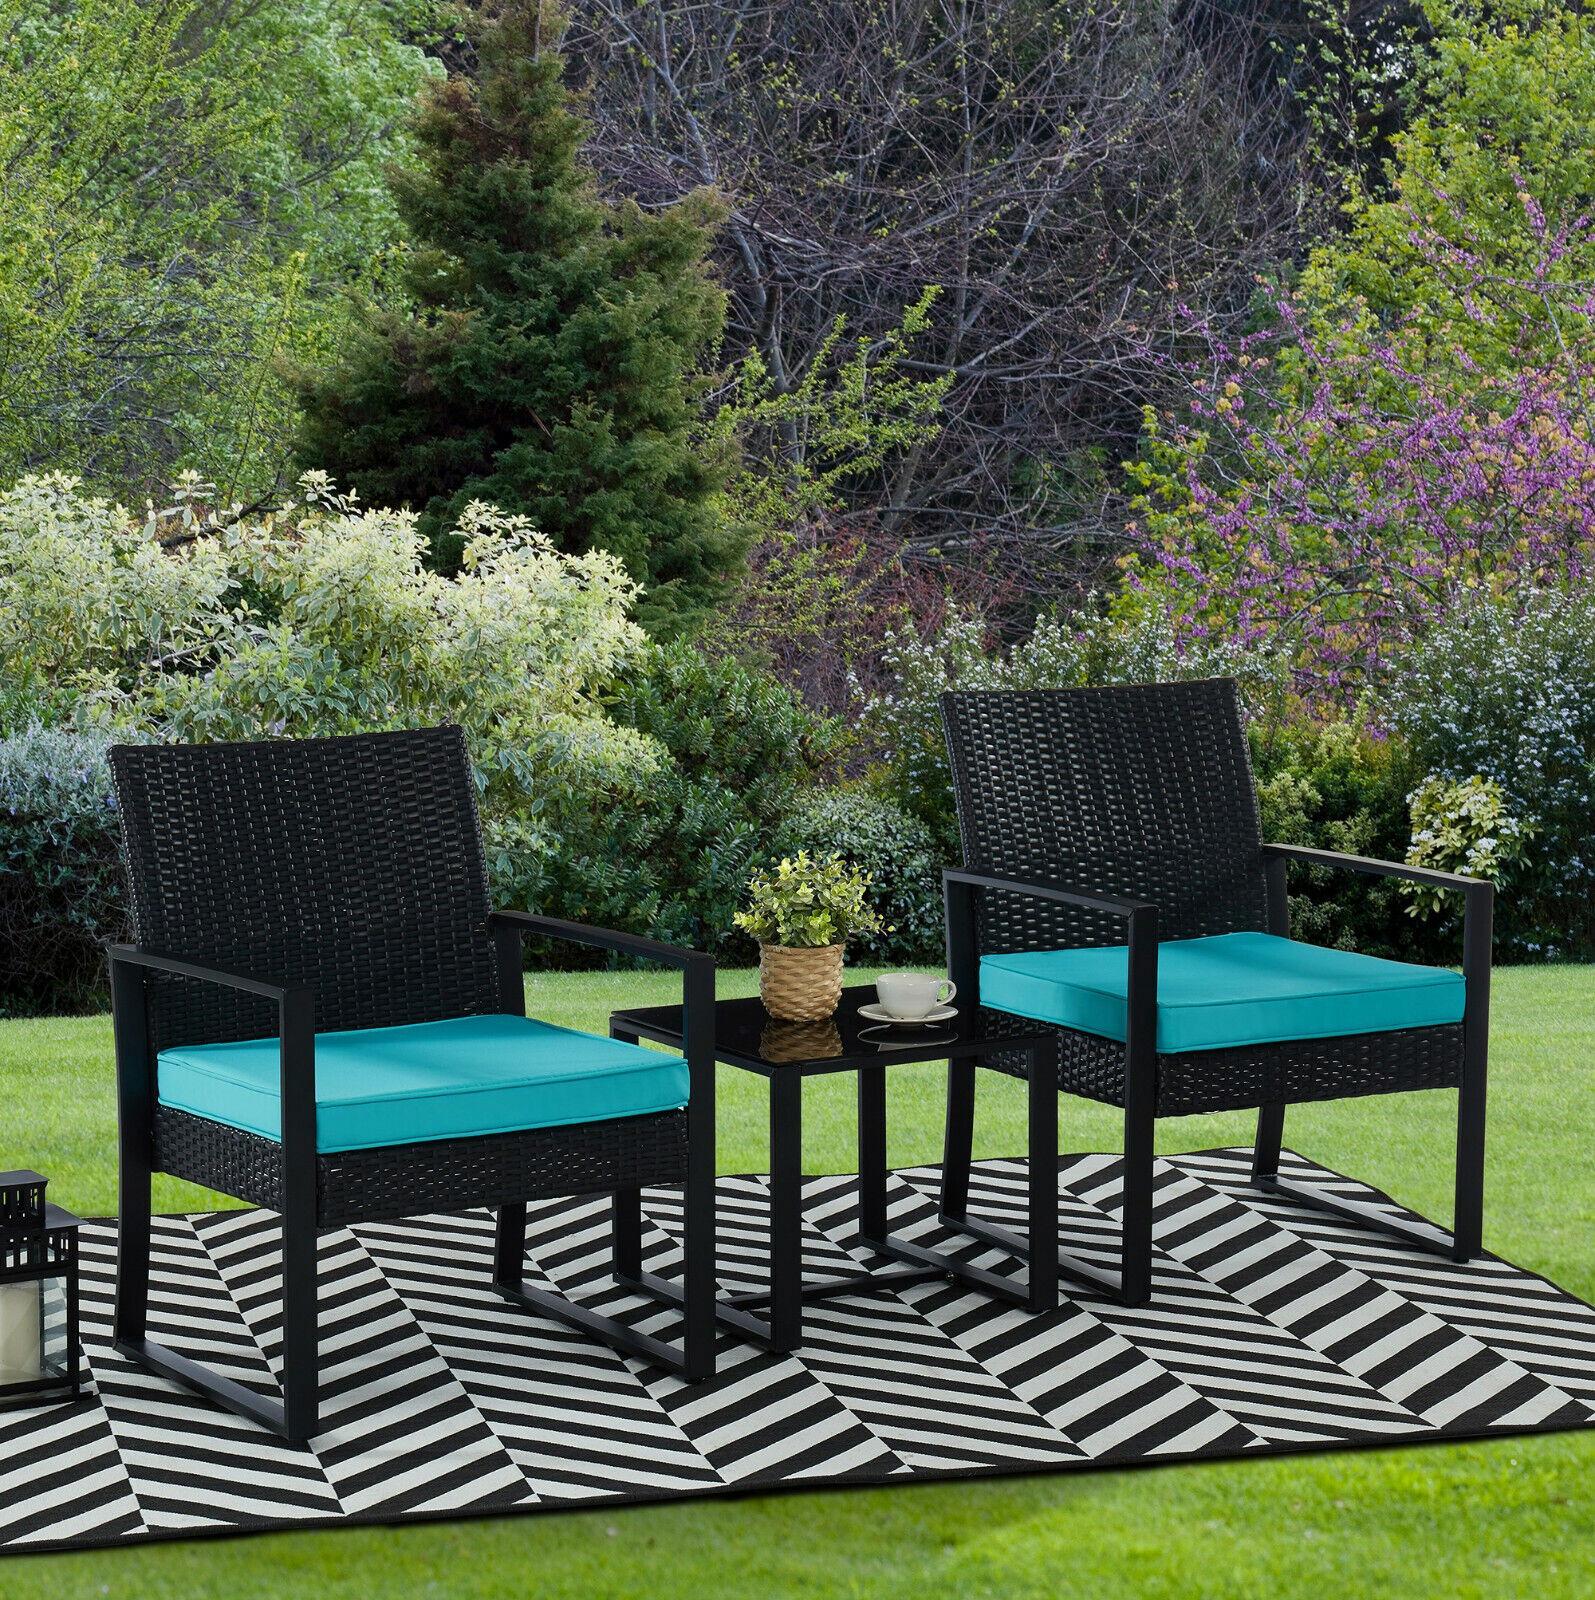 Garden Furniture - 3pc Wicker Rattan Patio Outdoor Furniture Conversation Sofa Bistro Set Garden